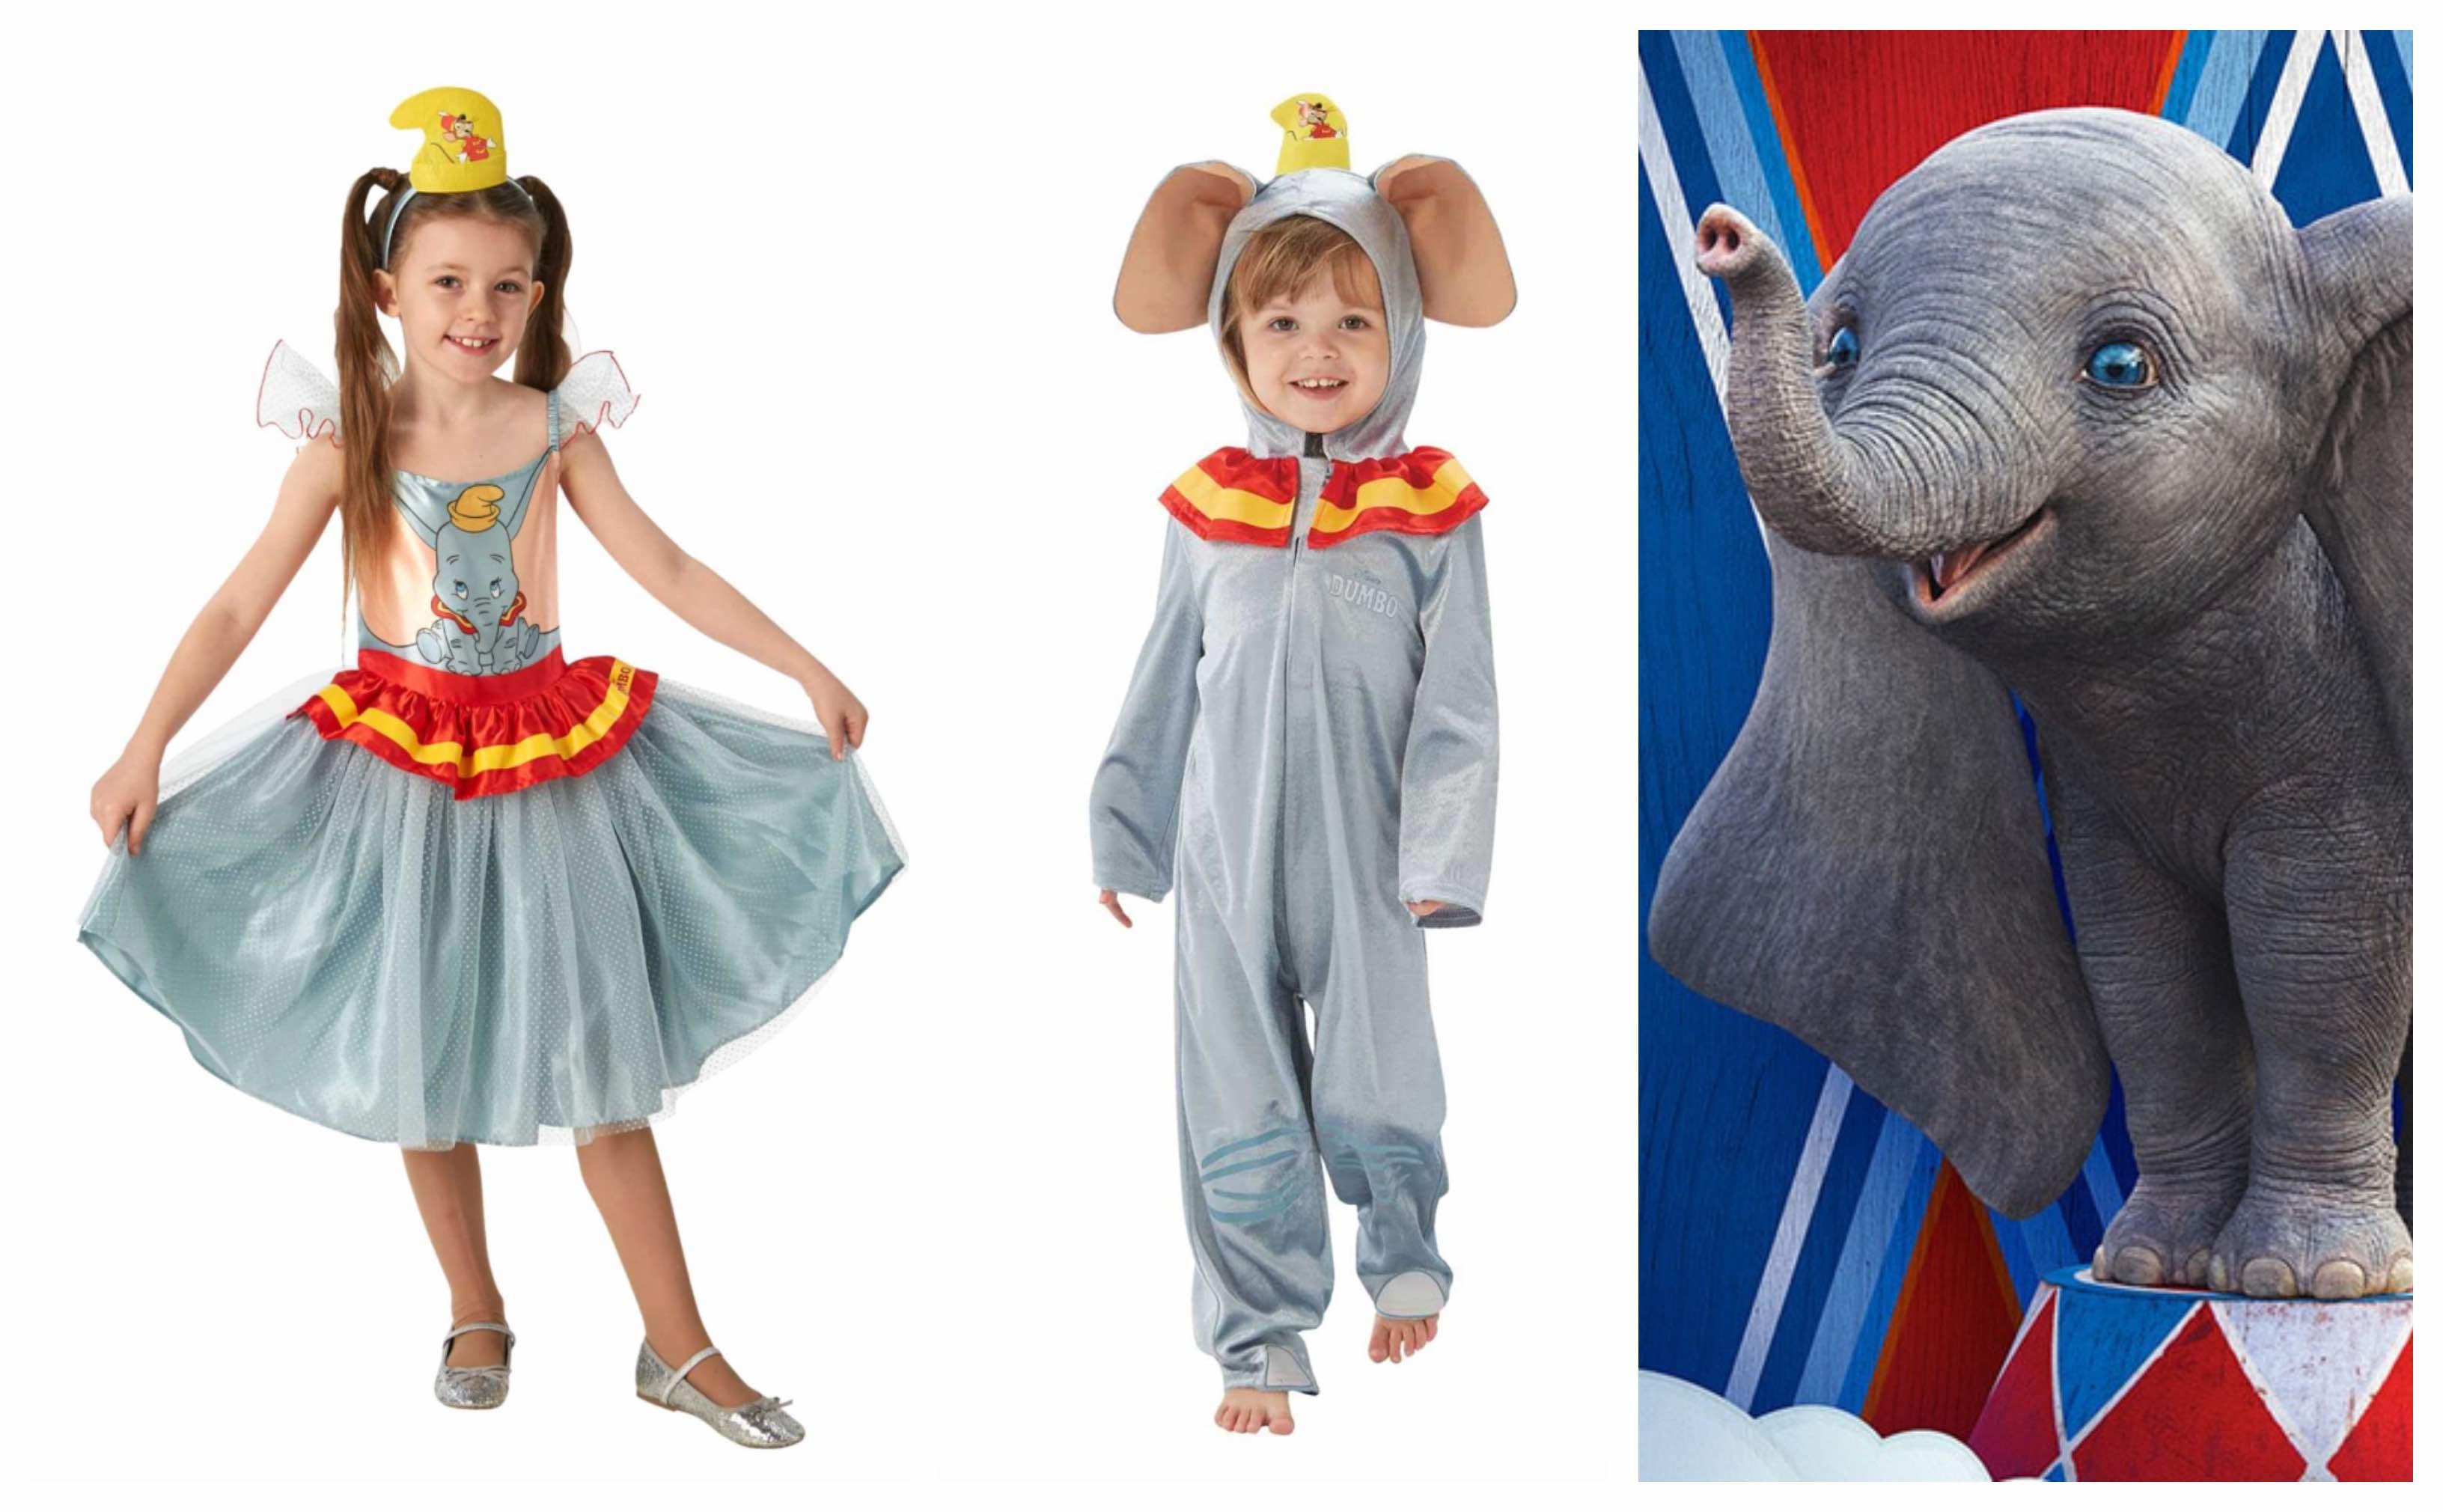 dumbo kostume til børn, dumbo udklædning til børn, dumbo kostumer, dumbo kjole til børn, dumbo heldragt til børn, dumbo børnekostumer, disney kostume til børn, disney heldragt til børn, disney kjoler til børn